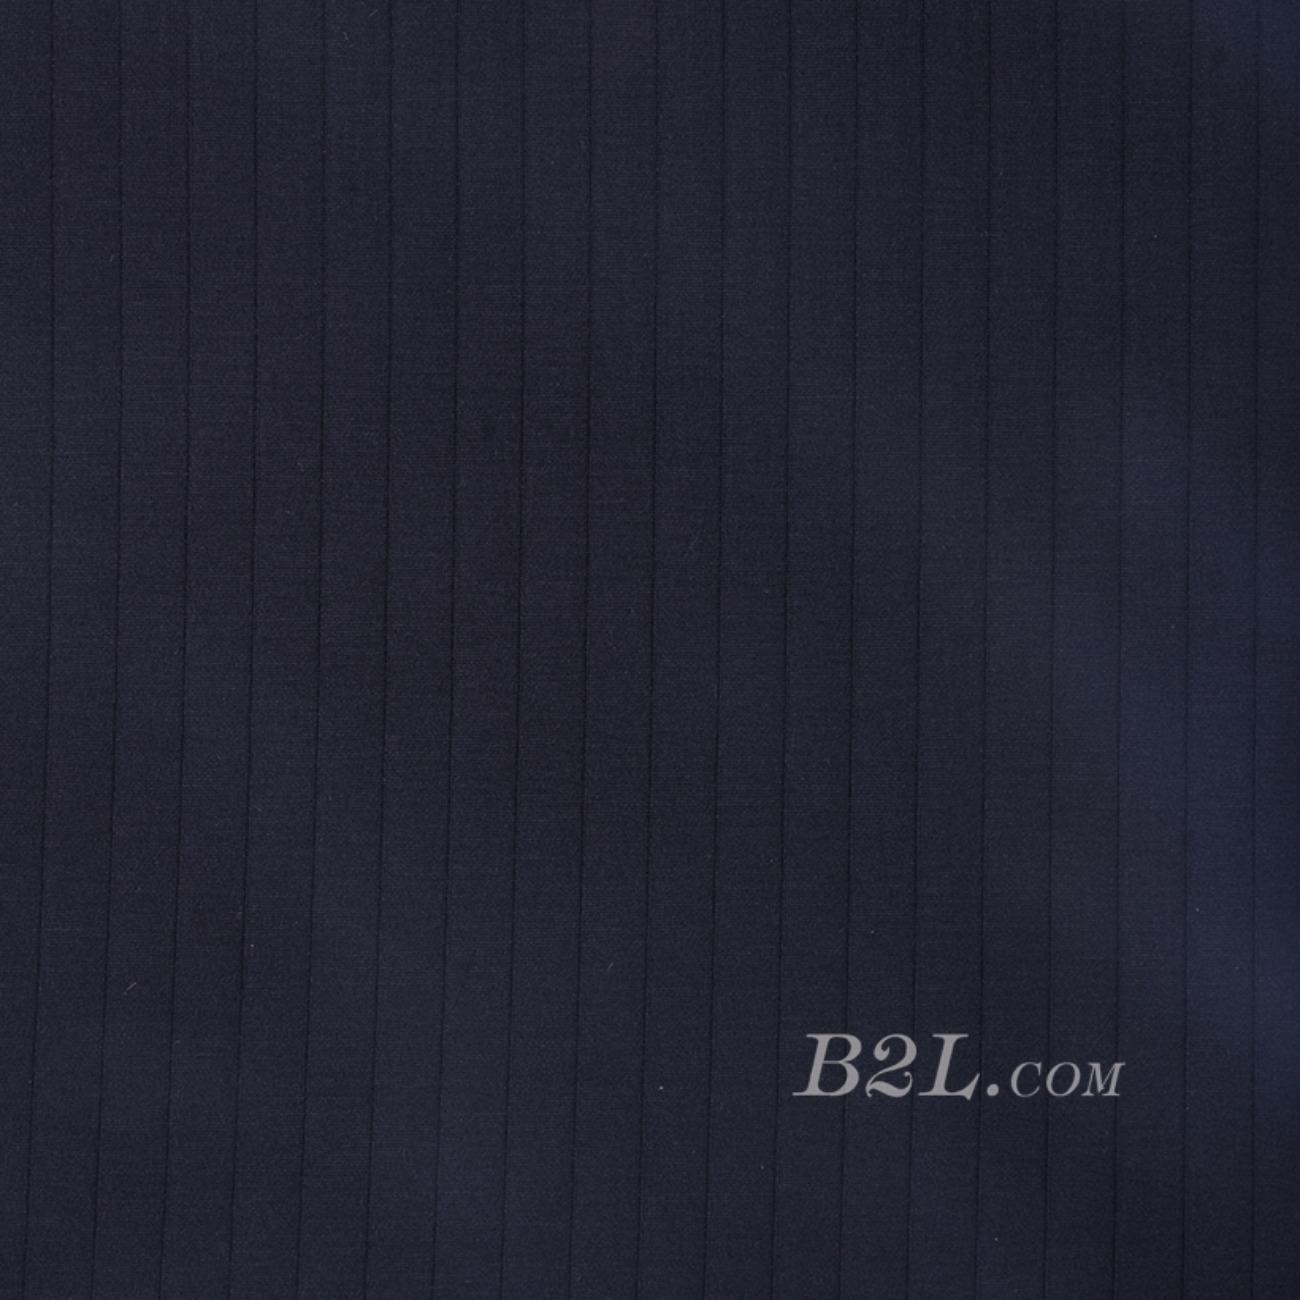 条子 竖条圆机 针织 纬编 T恤 针织衫 连衣裙 棉感弹力 期货 60311-51